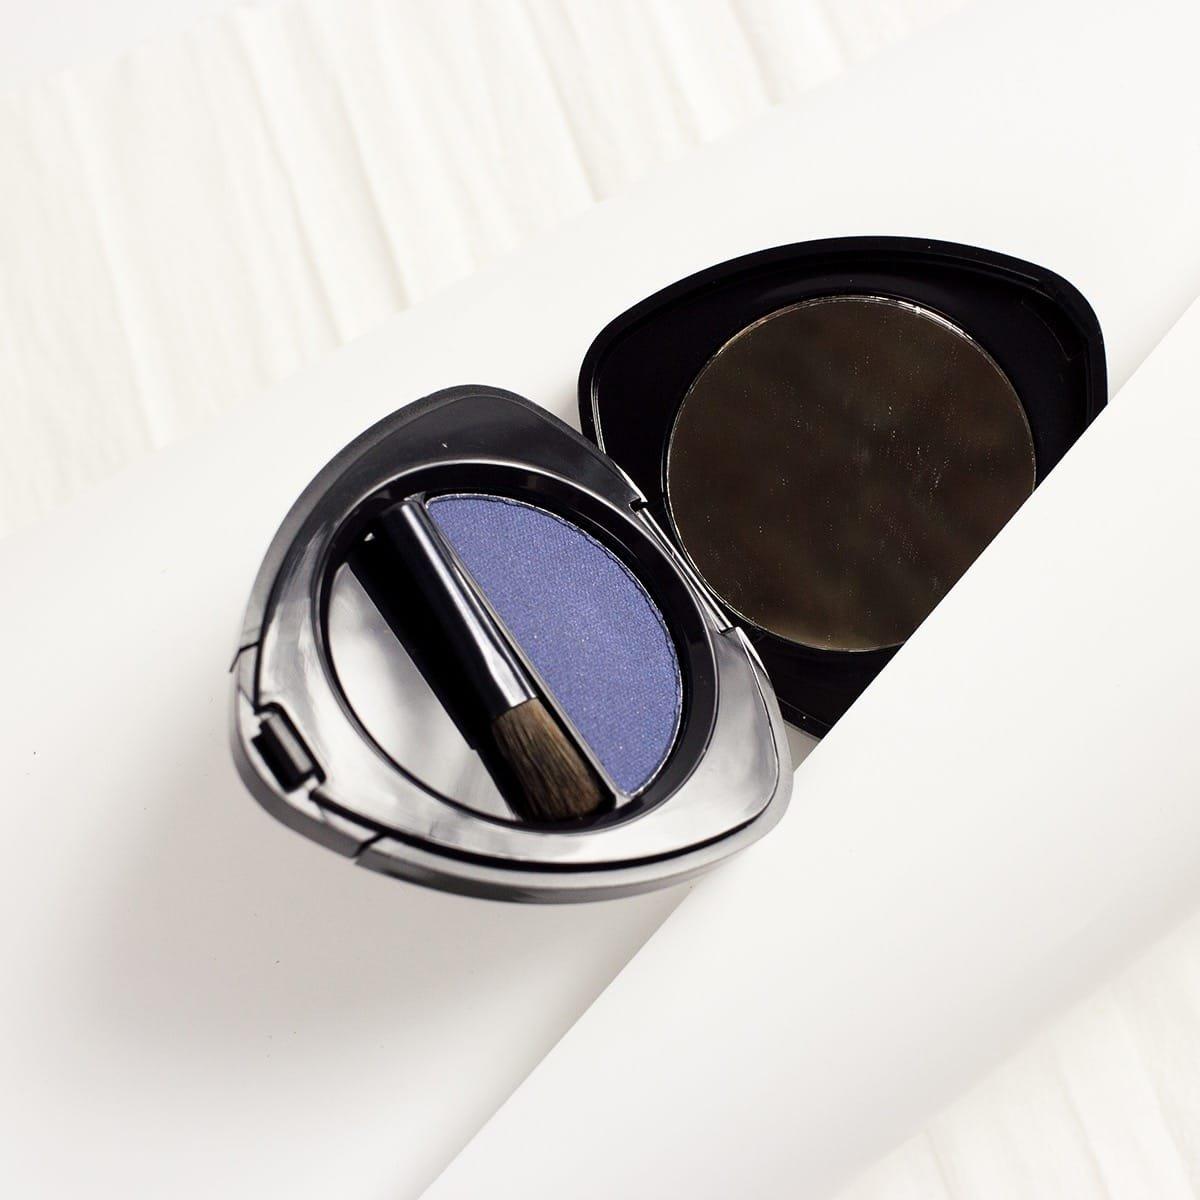 Oční stíny Eyeshadow 02 lapis lazuli